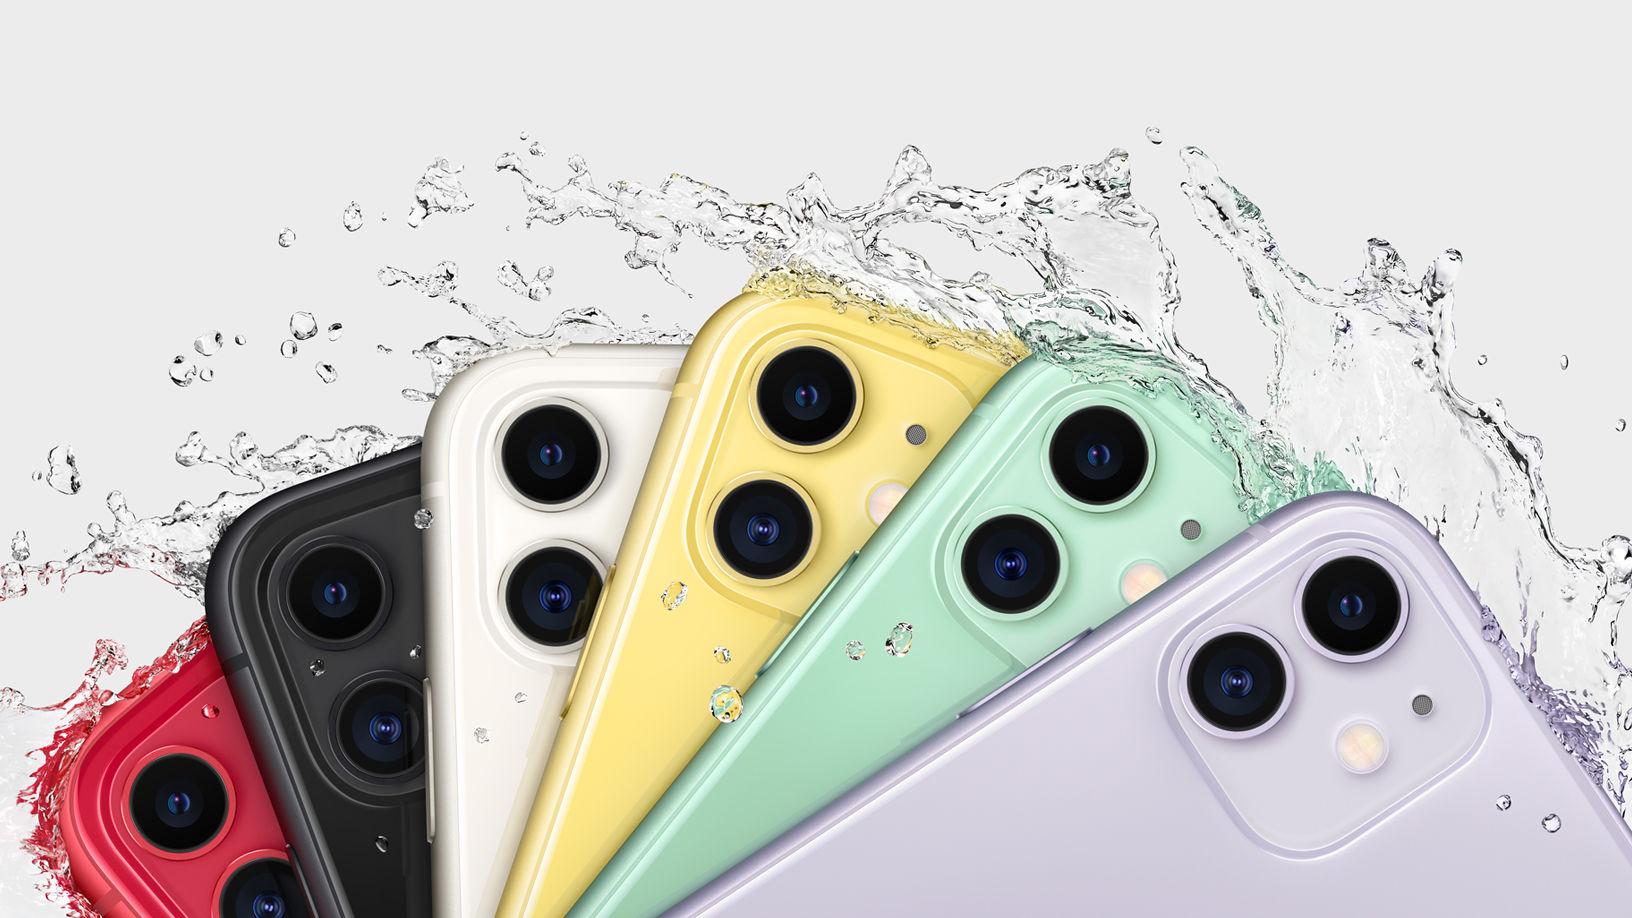 защита от воды Айфон 11